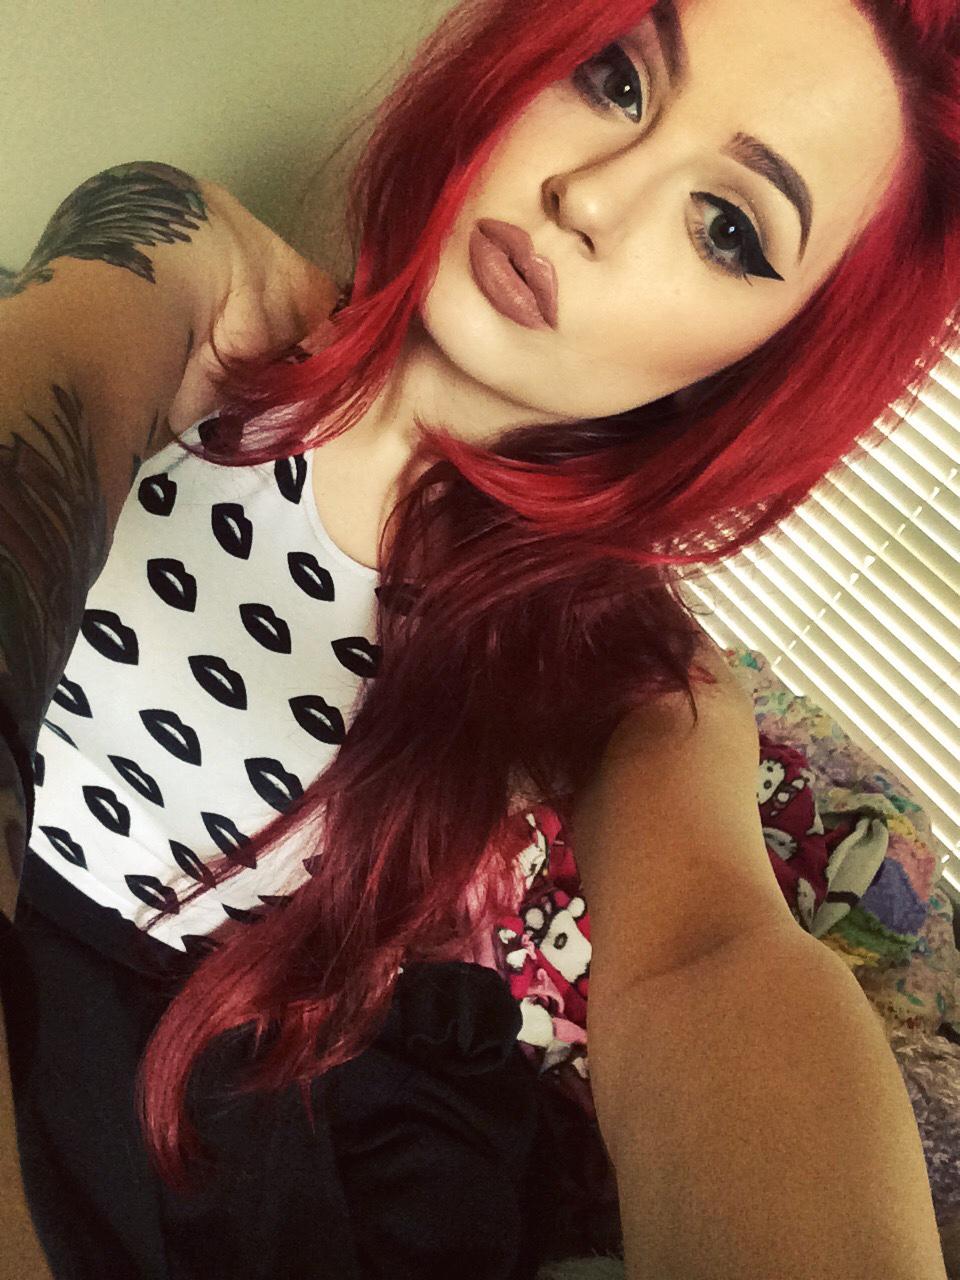 Foto de una chica de pelo rojo y labios rojos, lleva tatuajes de alas en los brazos